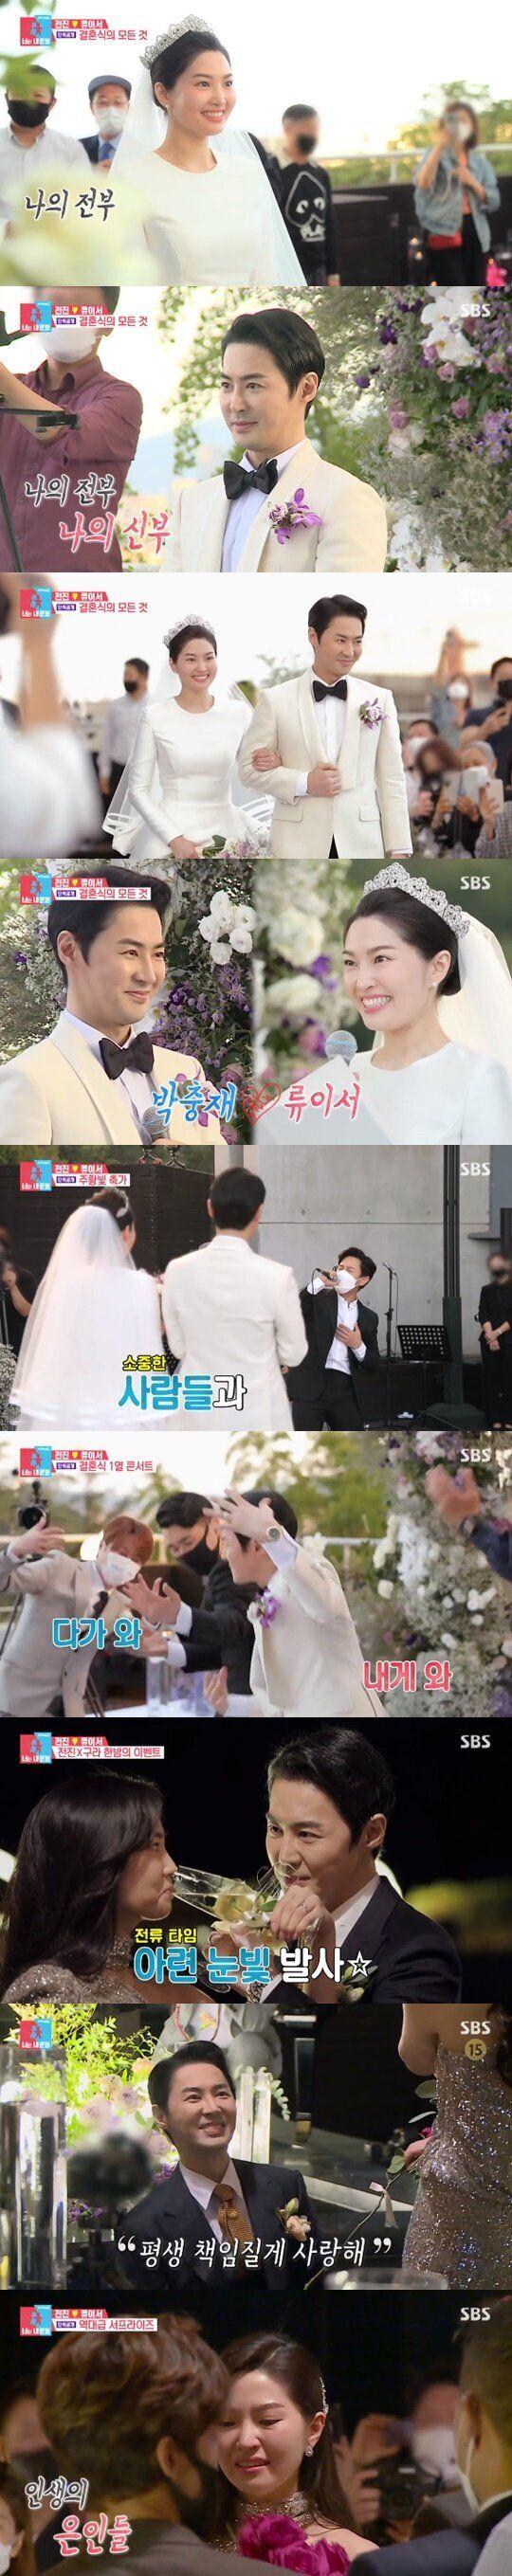 비공개였던 신화 전진·류이서 부부의 결혼식 현장이 최초